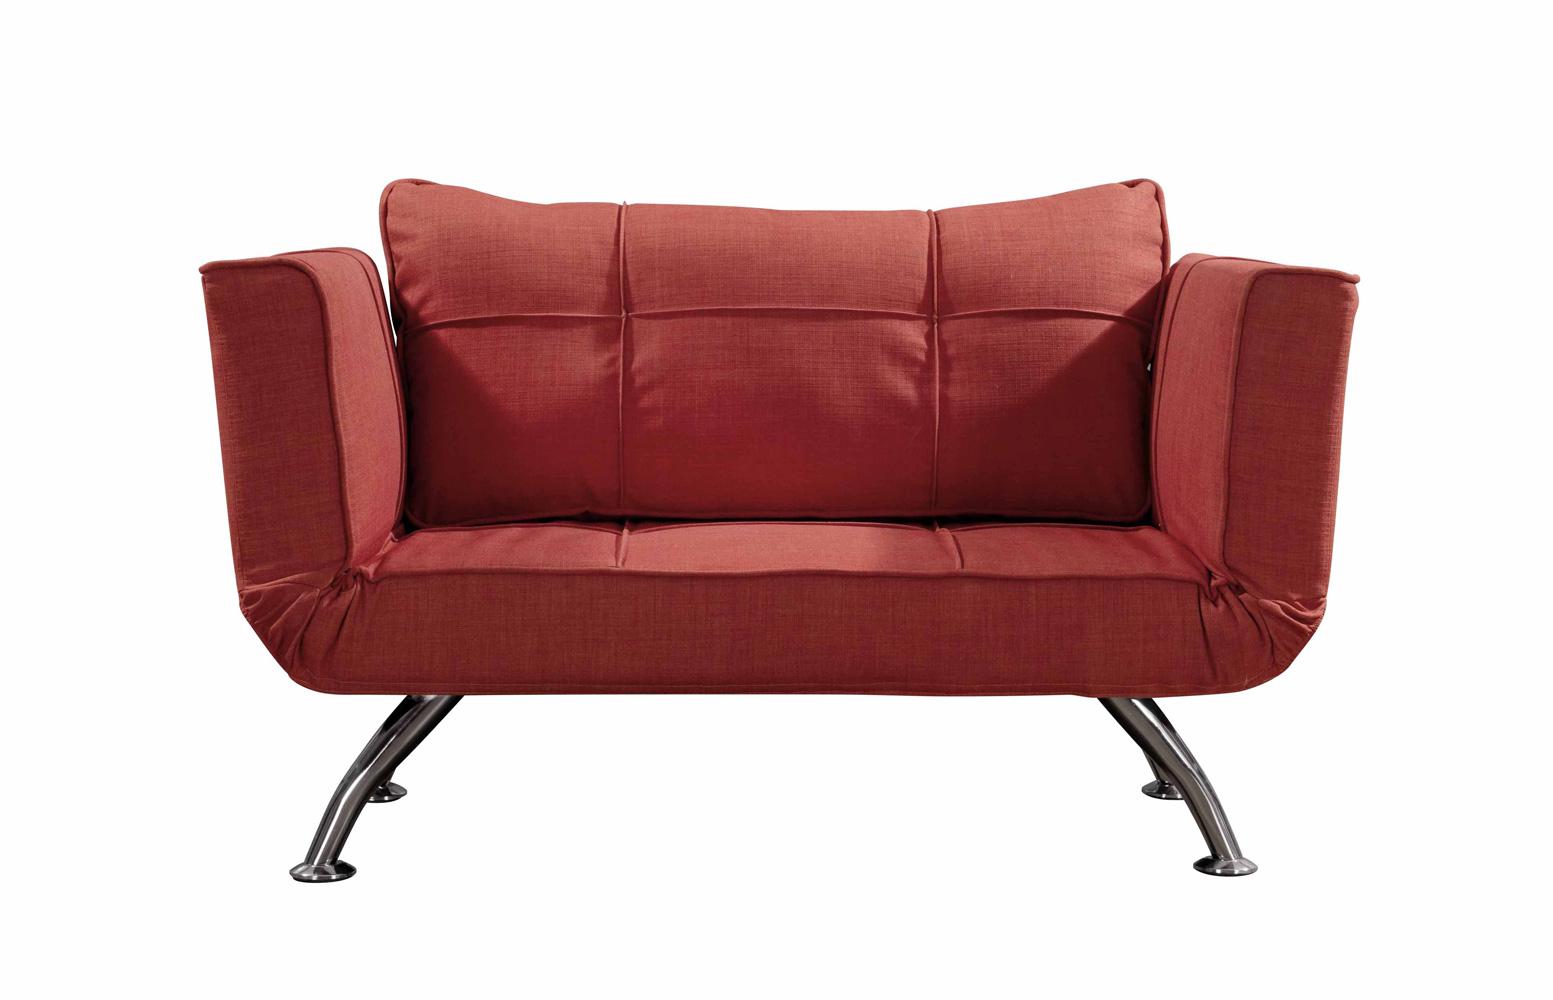 尚然格林简约现代棉麻面料红色沙发床